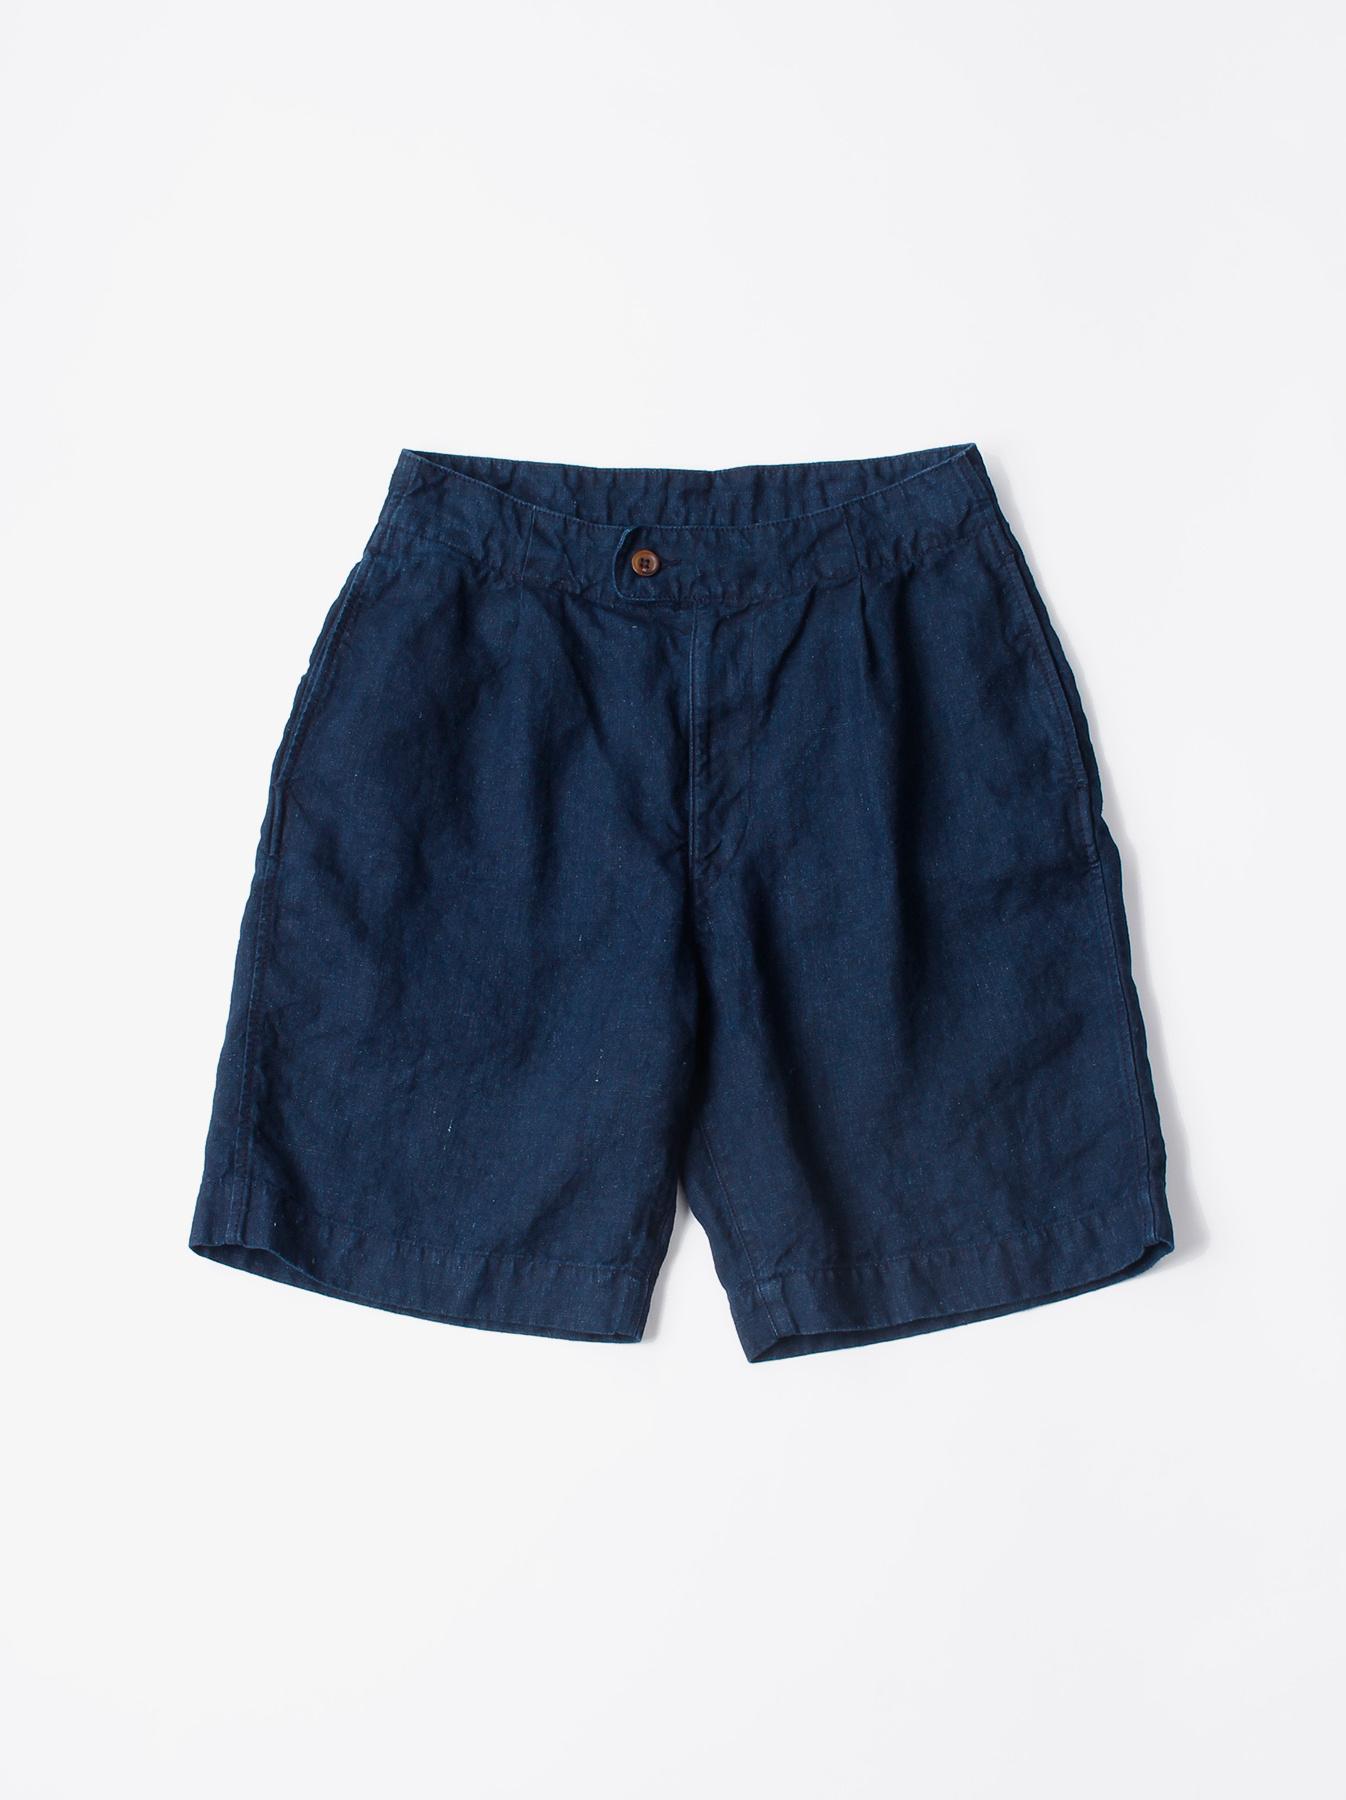 WH Indigo Doek Majotae Umiiloha 908 Short Pants-1